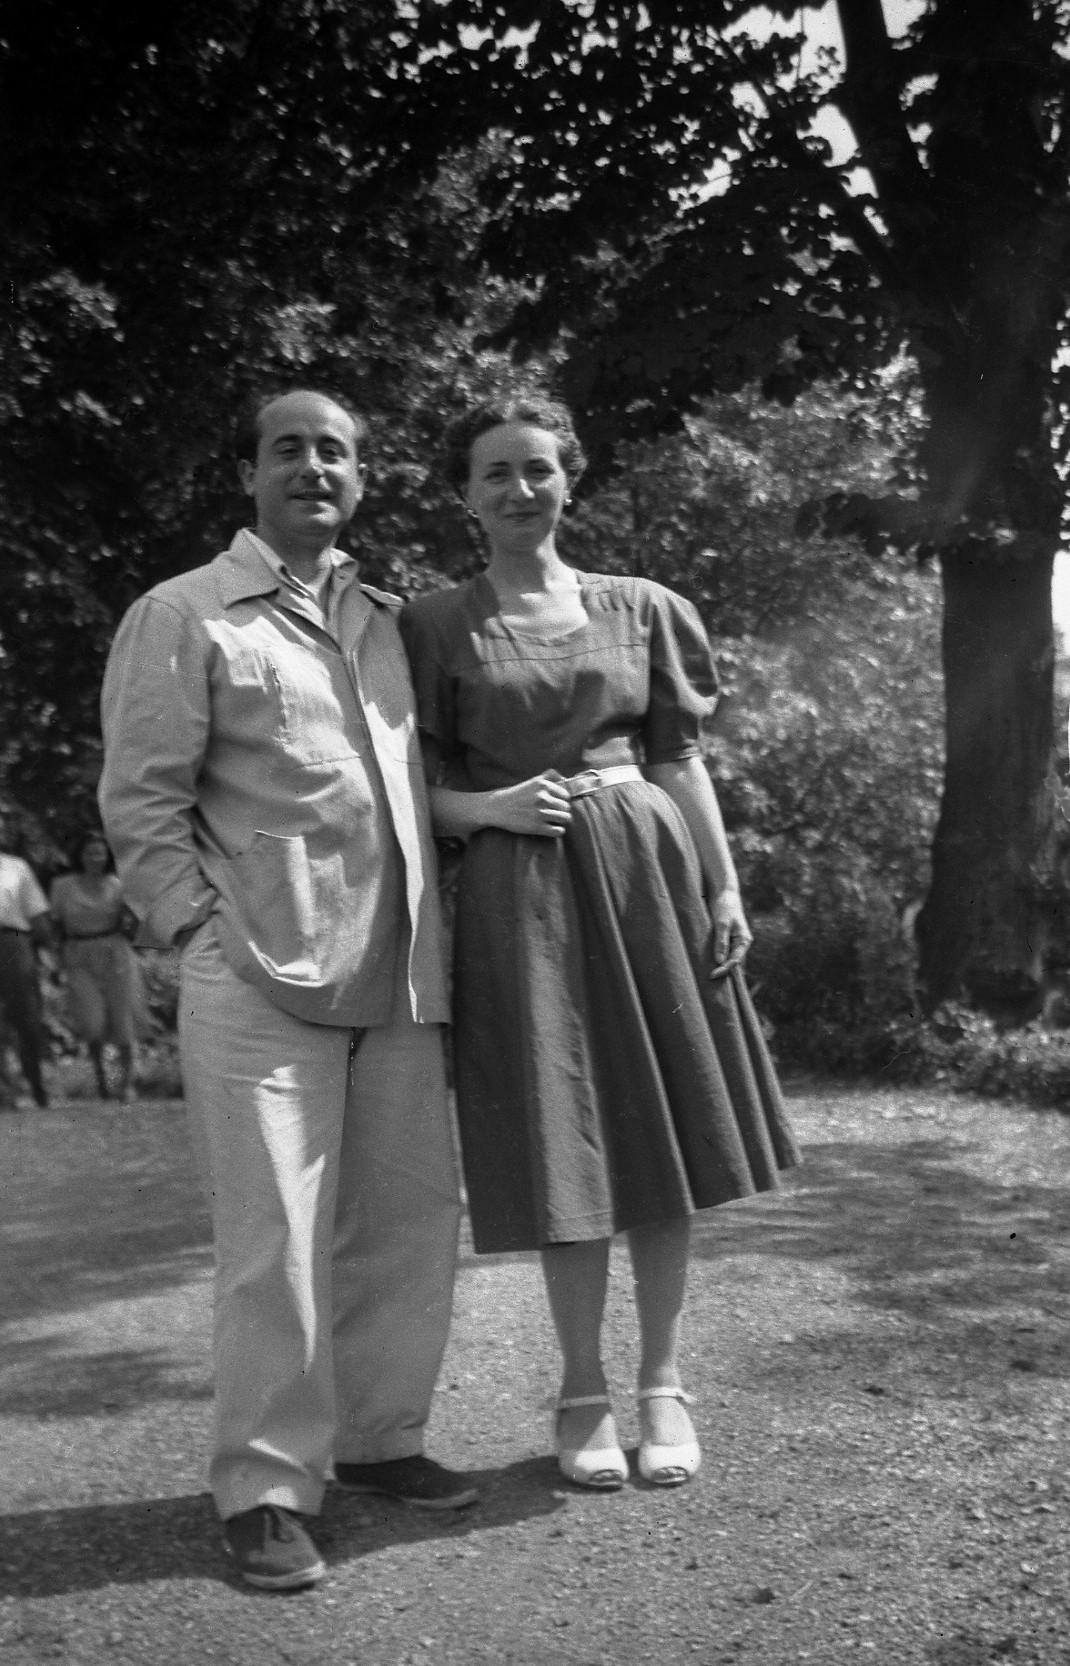 1953. JHC con su mujer, Ana, en Echaide Borda, San Sebastián, verano 1953